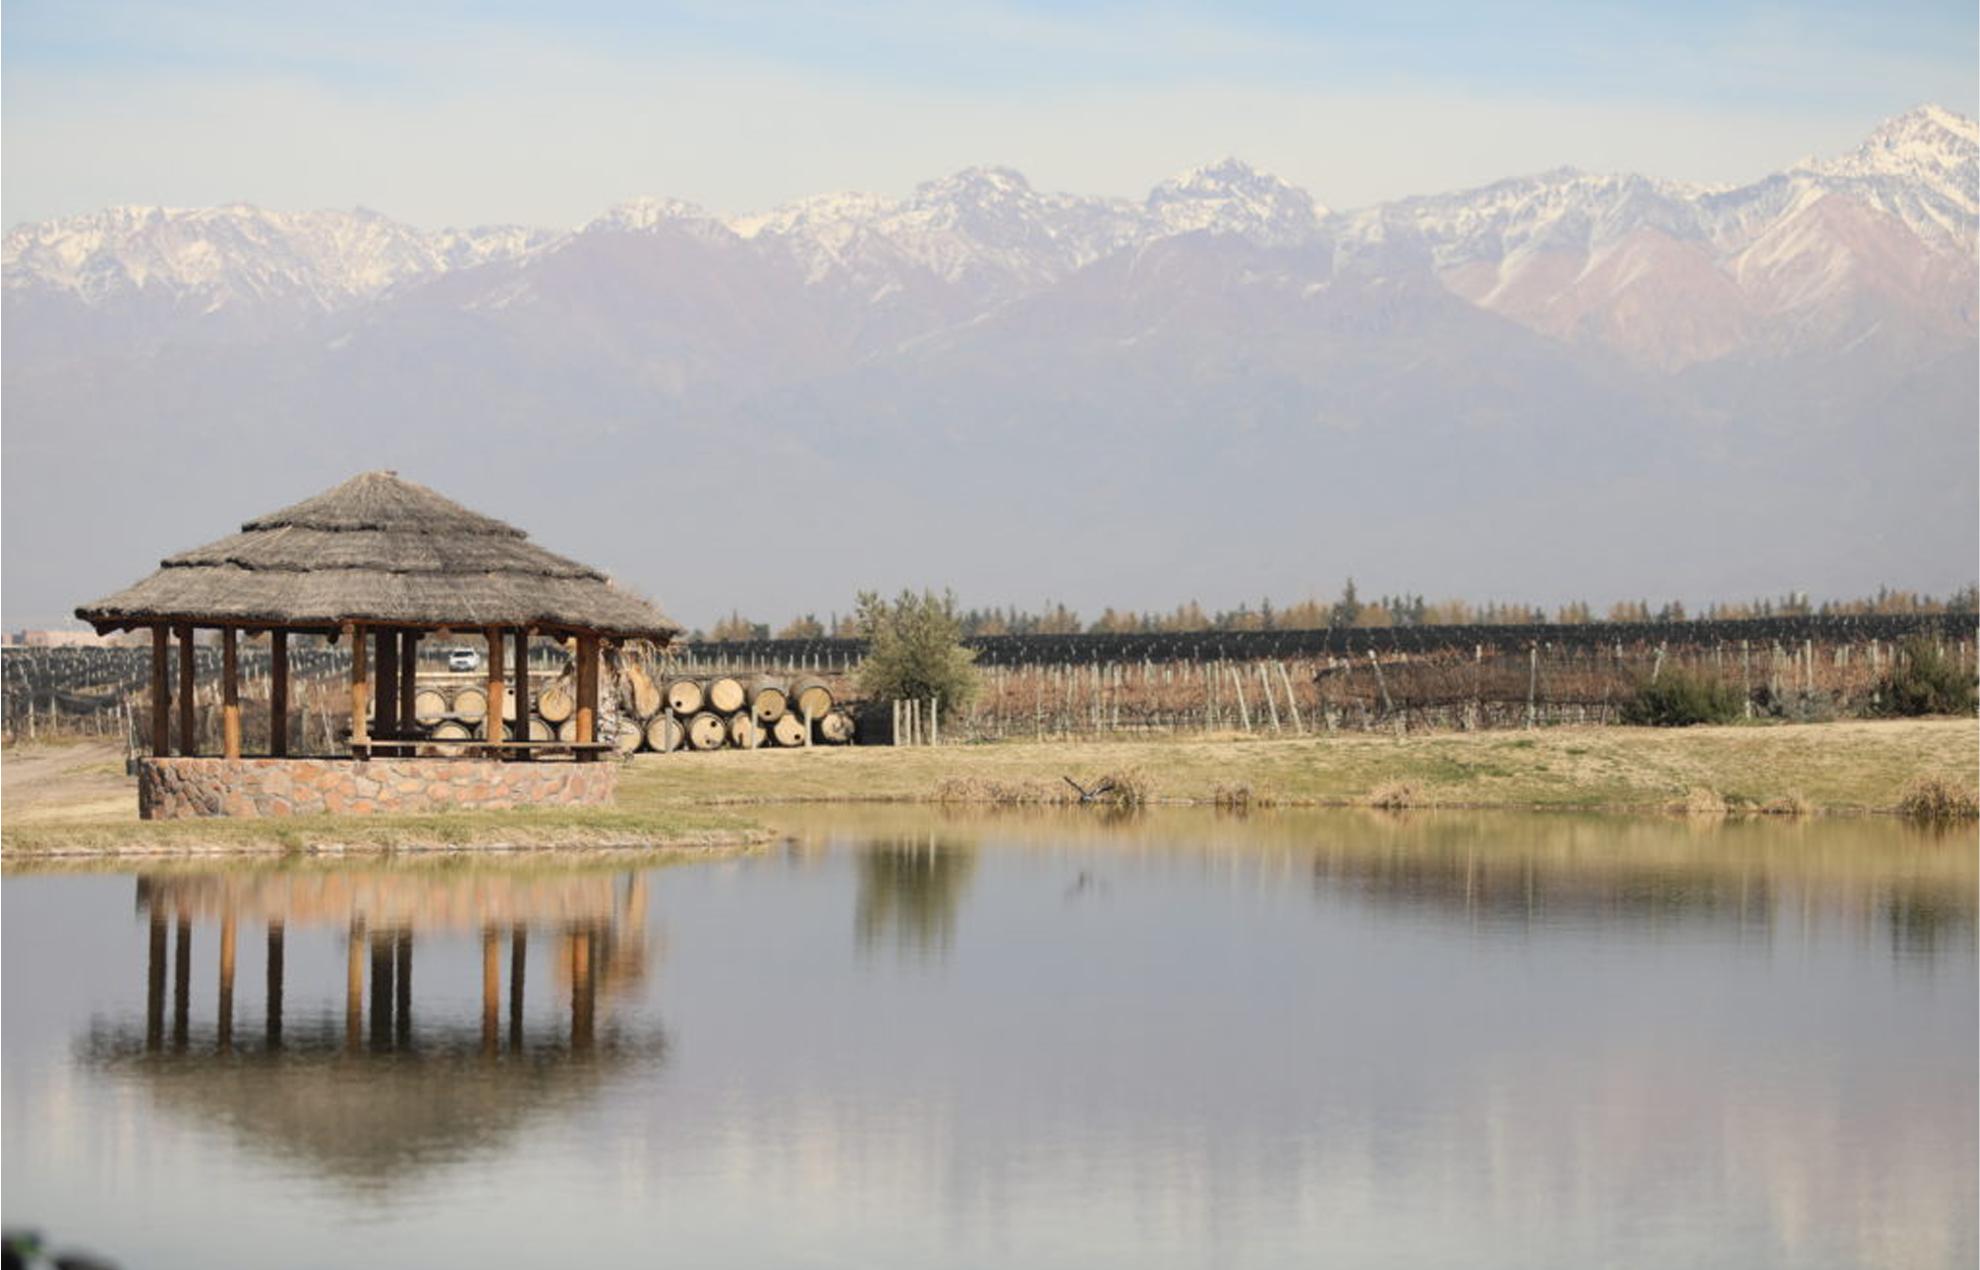 Une paillote située dans un étang avec une vue panoramique sur une grande chaîne de montagnes.